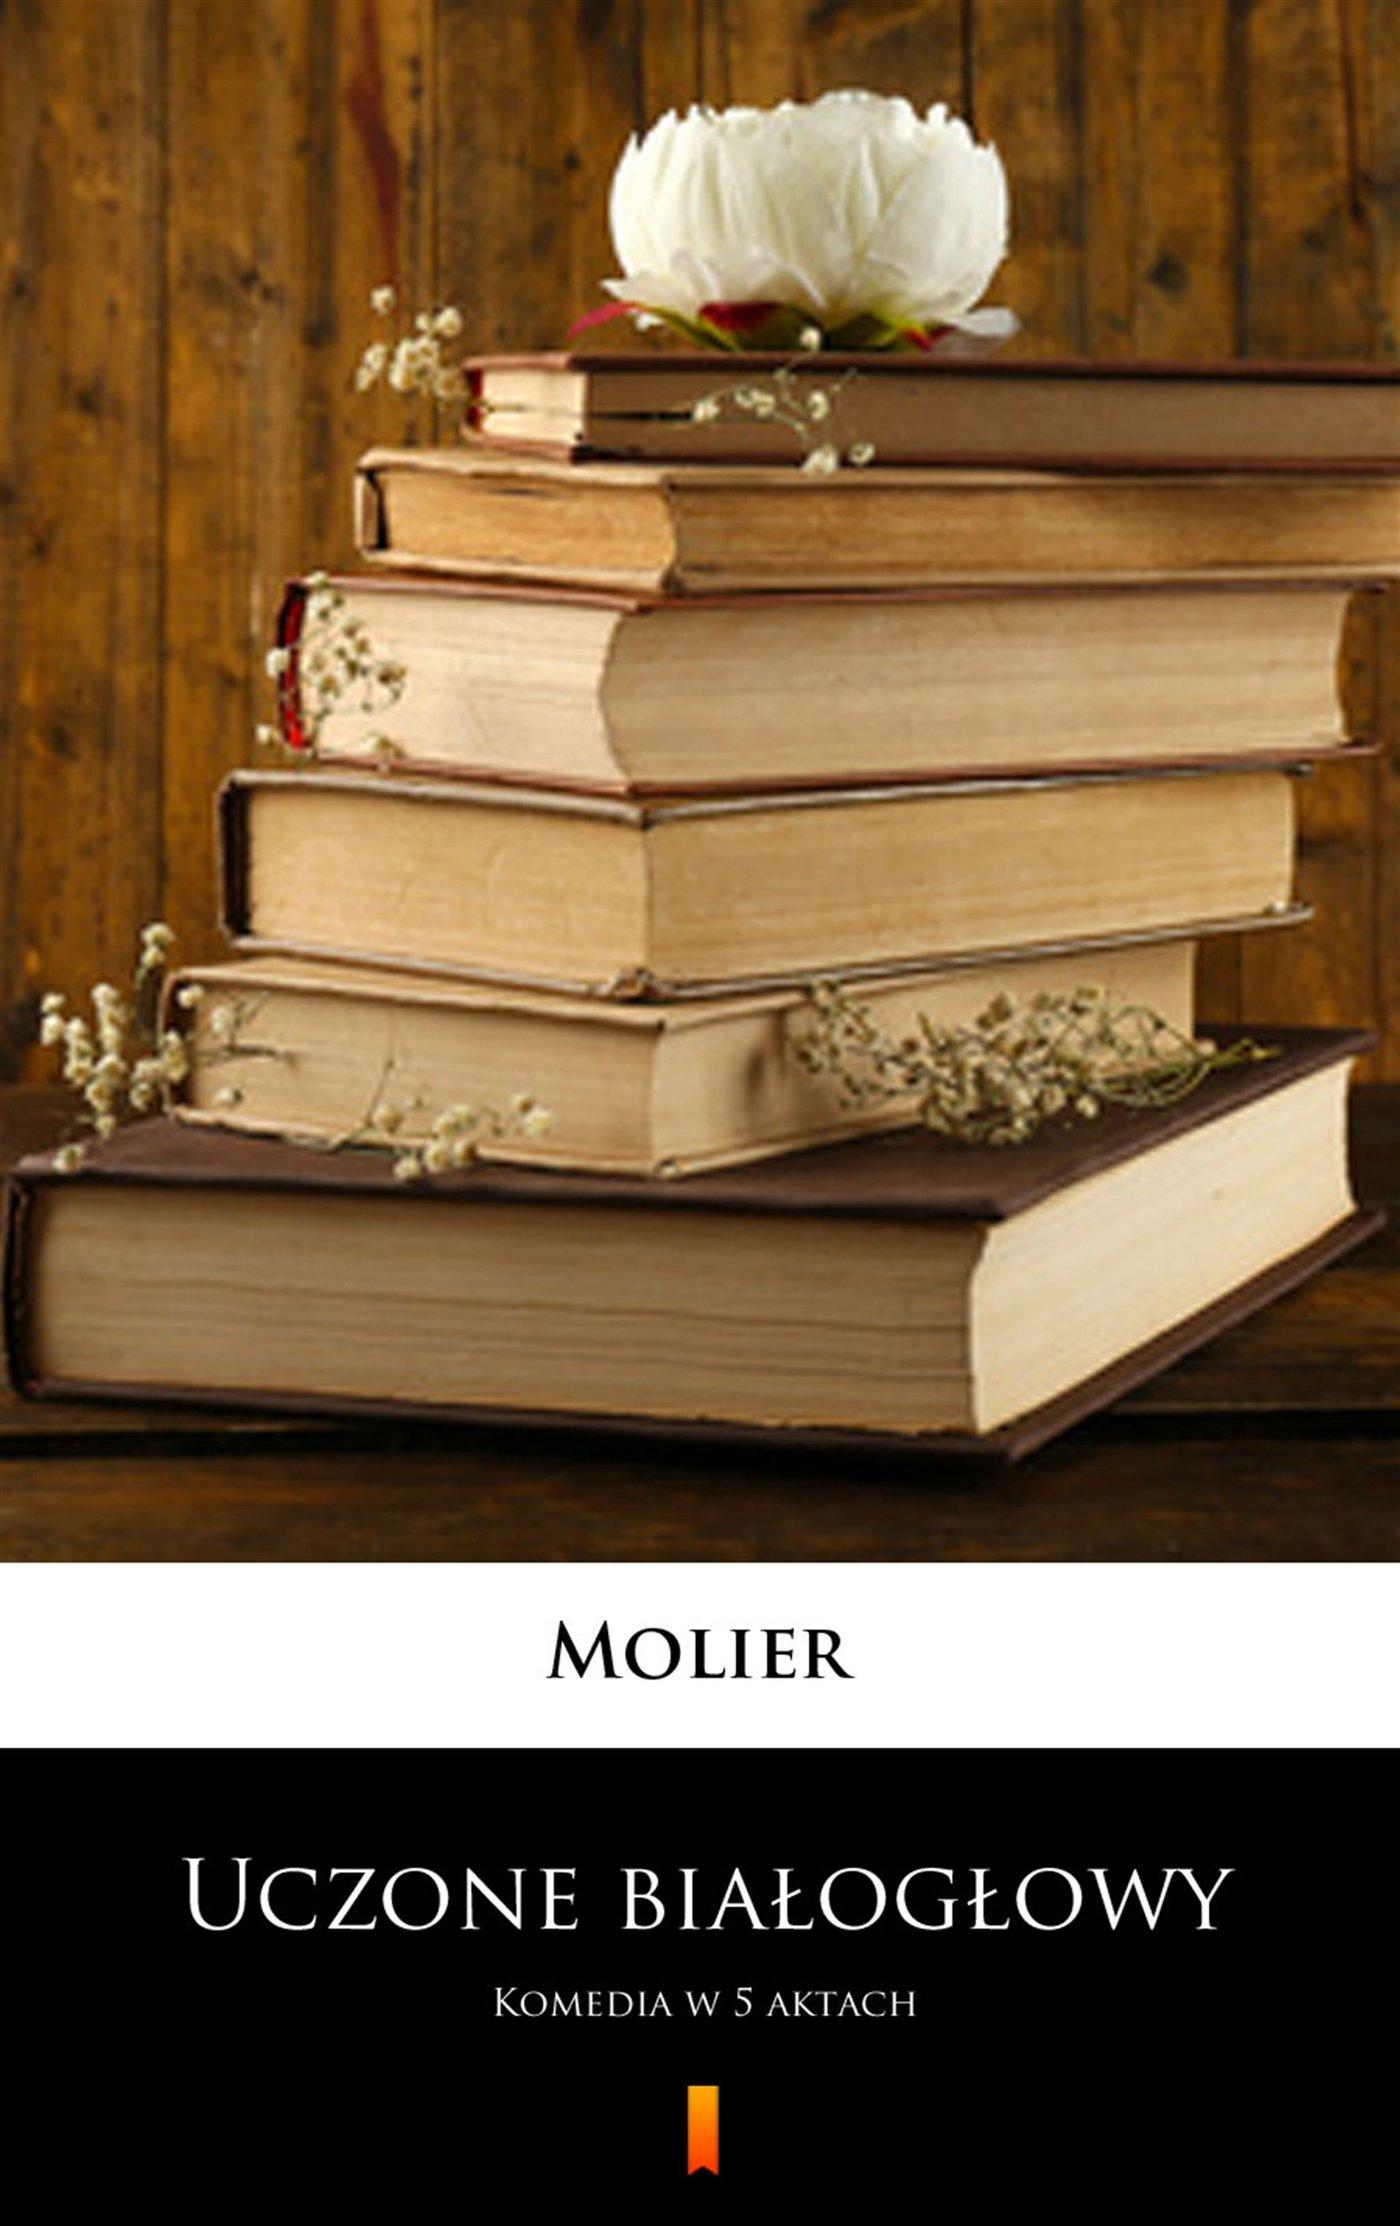 Uczone białogłowy - Ebook (Książka na Kindle) do pobrania w formacie MOBI